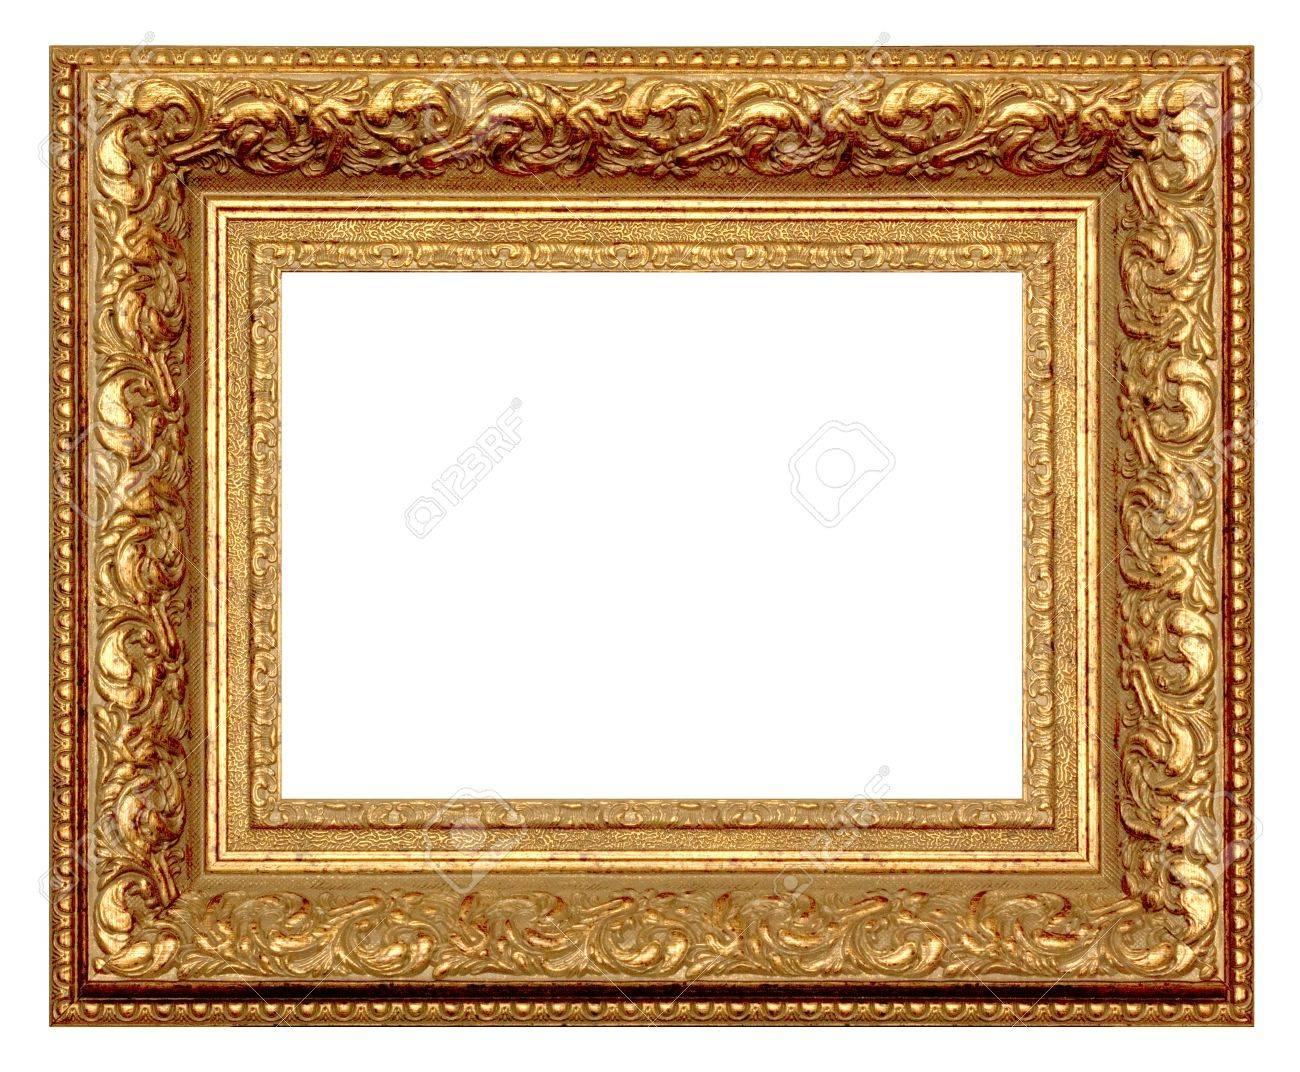 Goldener Rahmen Für Malerei Und Fotografie. Auf Weißem Hintergrund ...